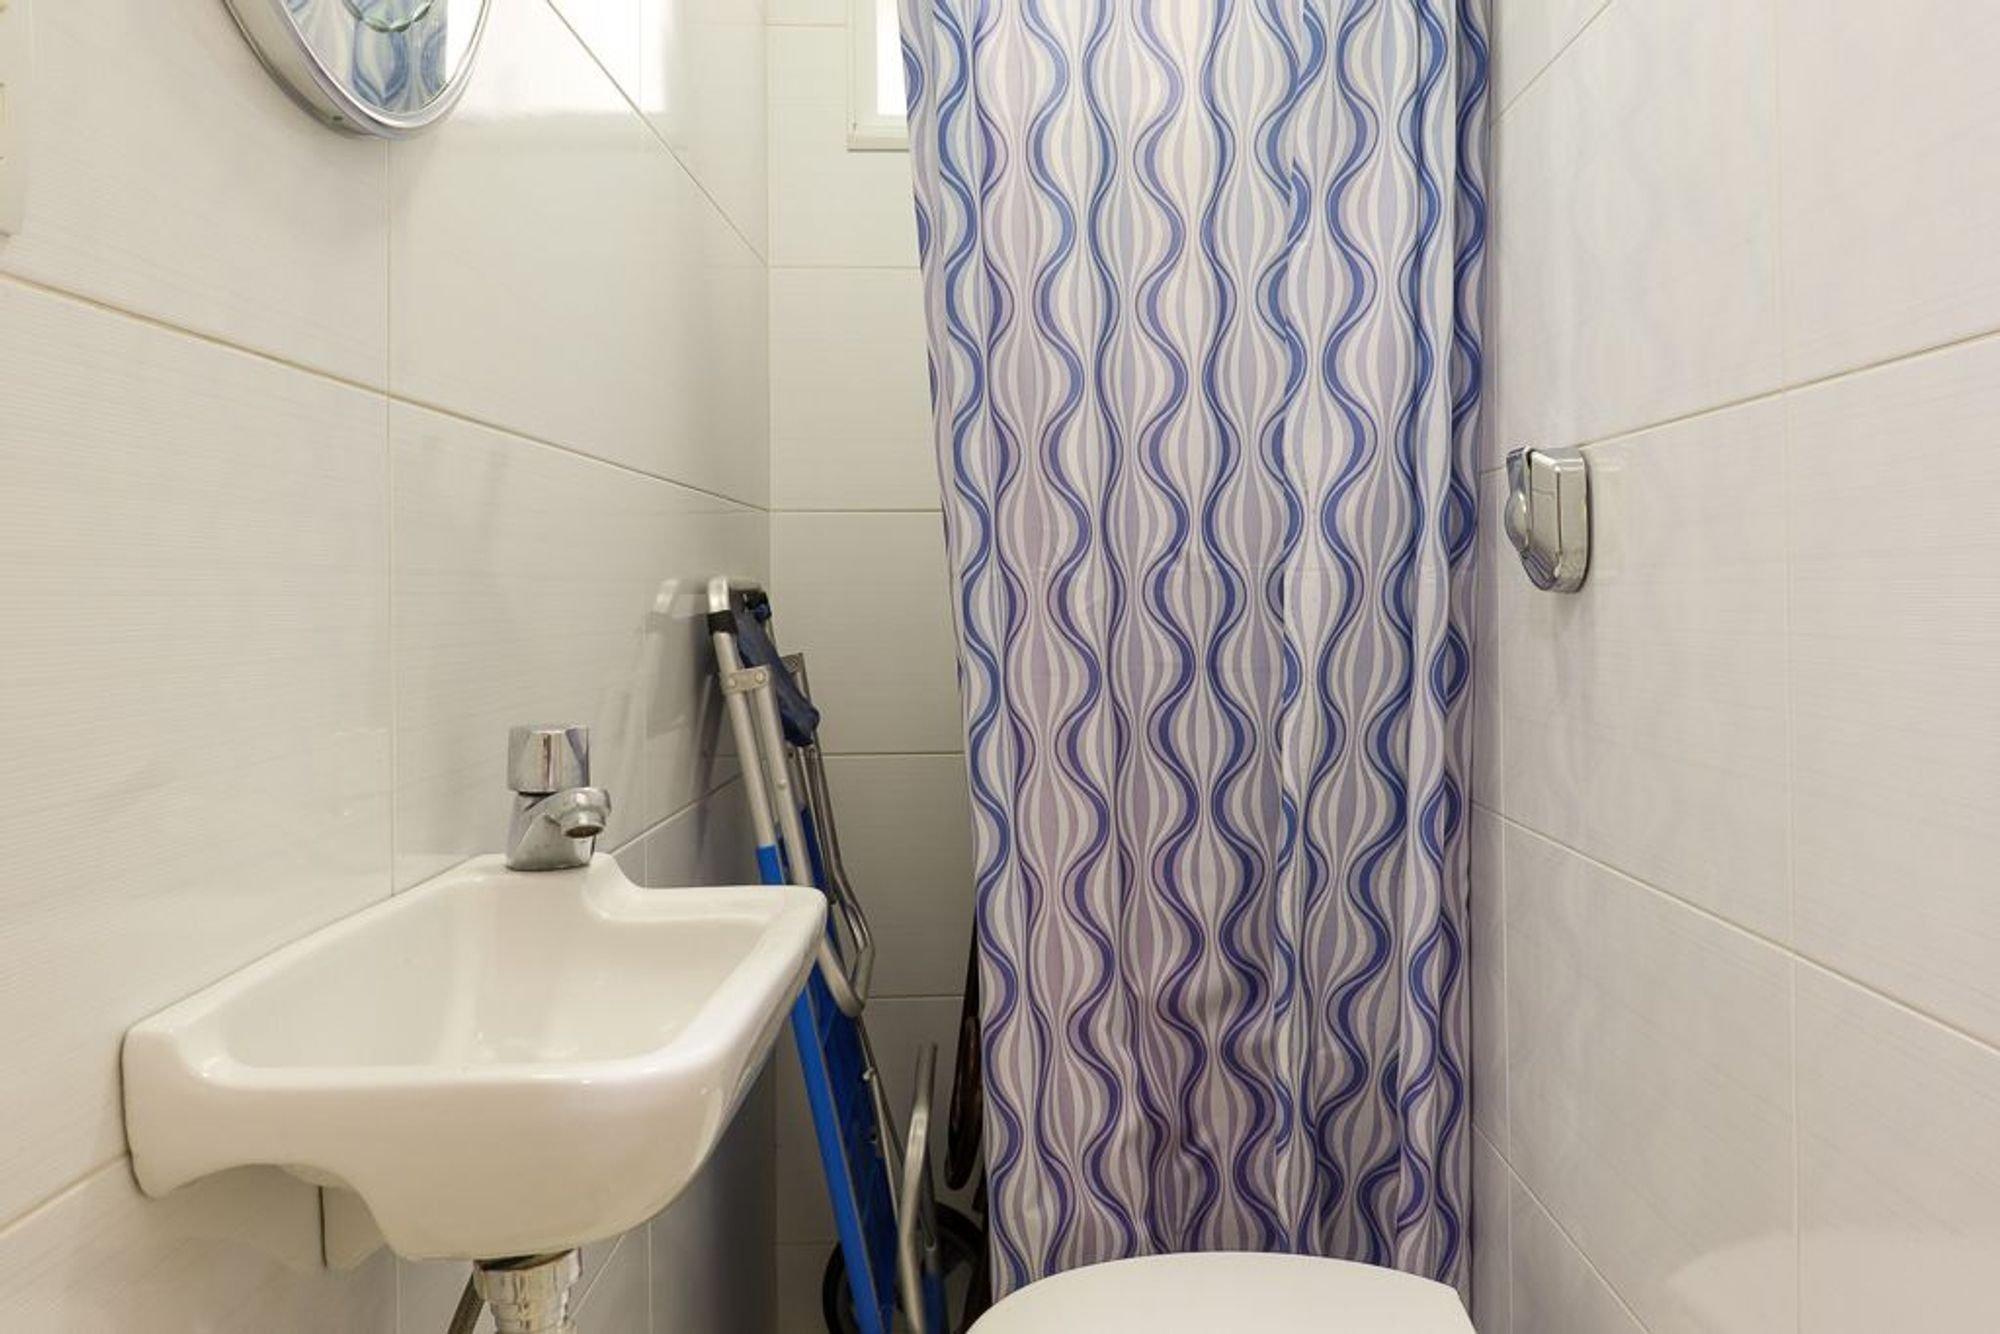 Foto de Banheiro com vaso sanitário, pia, relógio